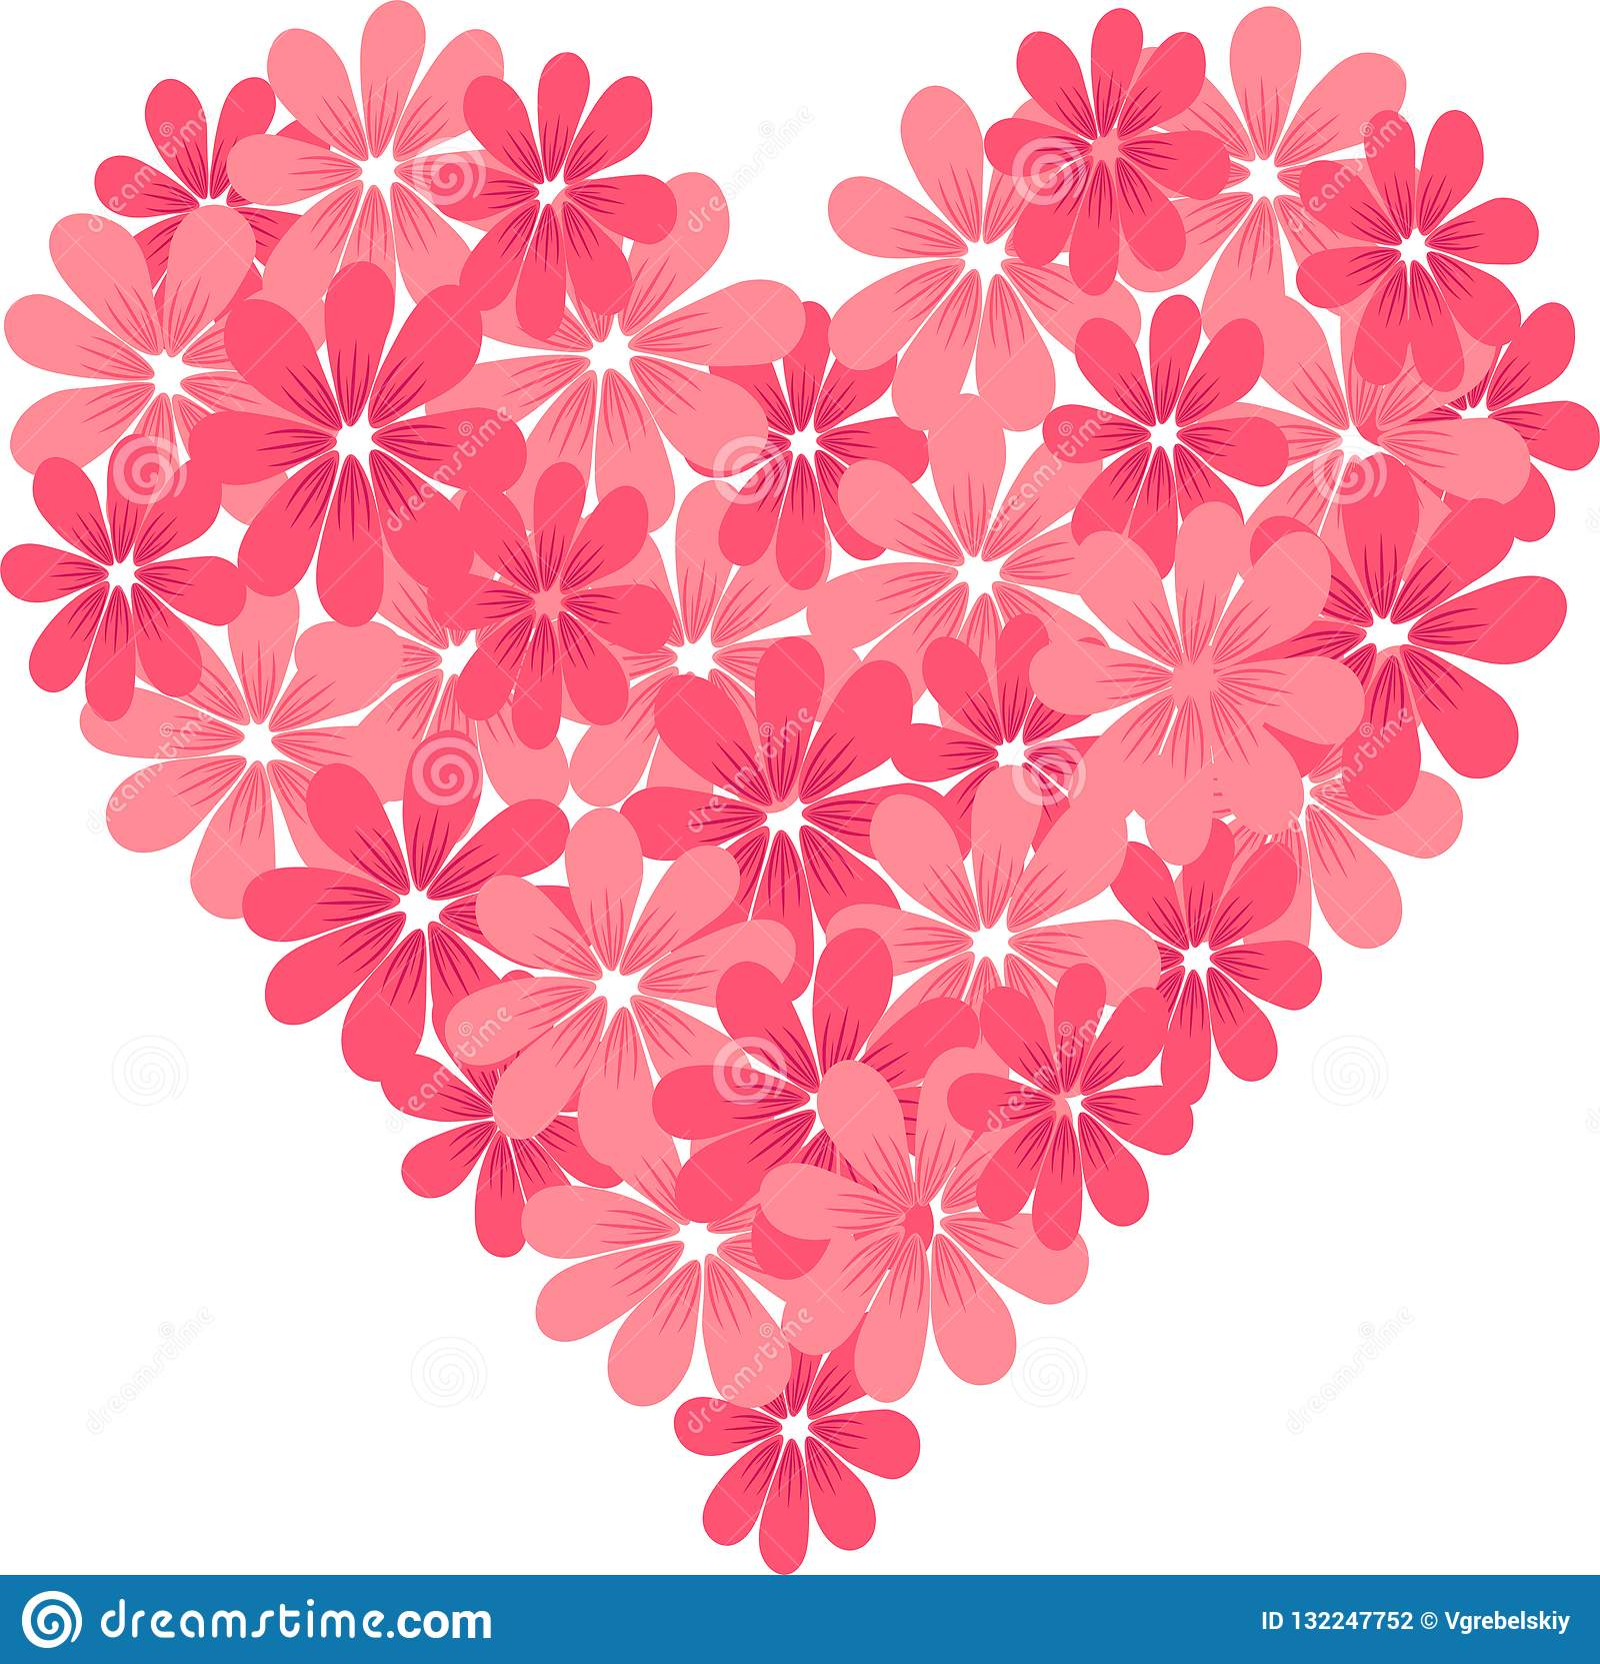 Heart_of_flowers